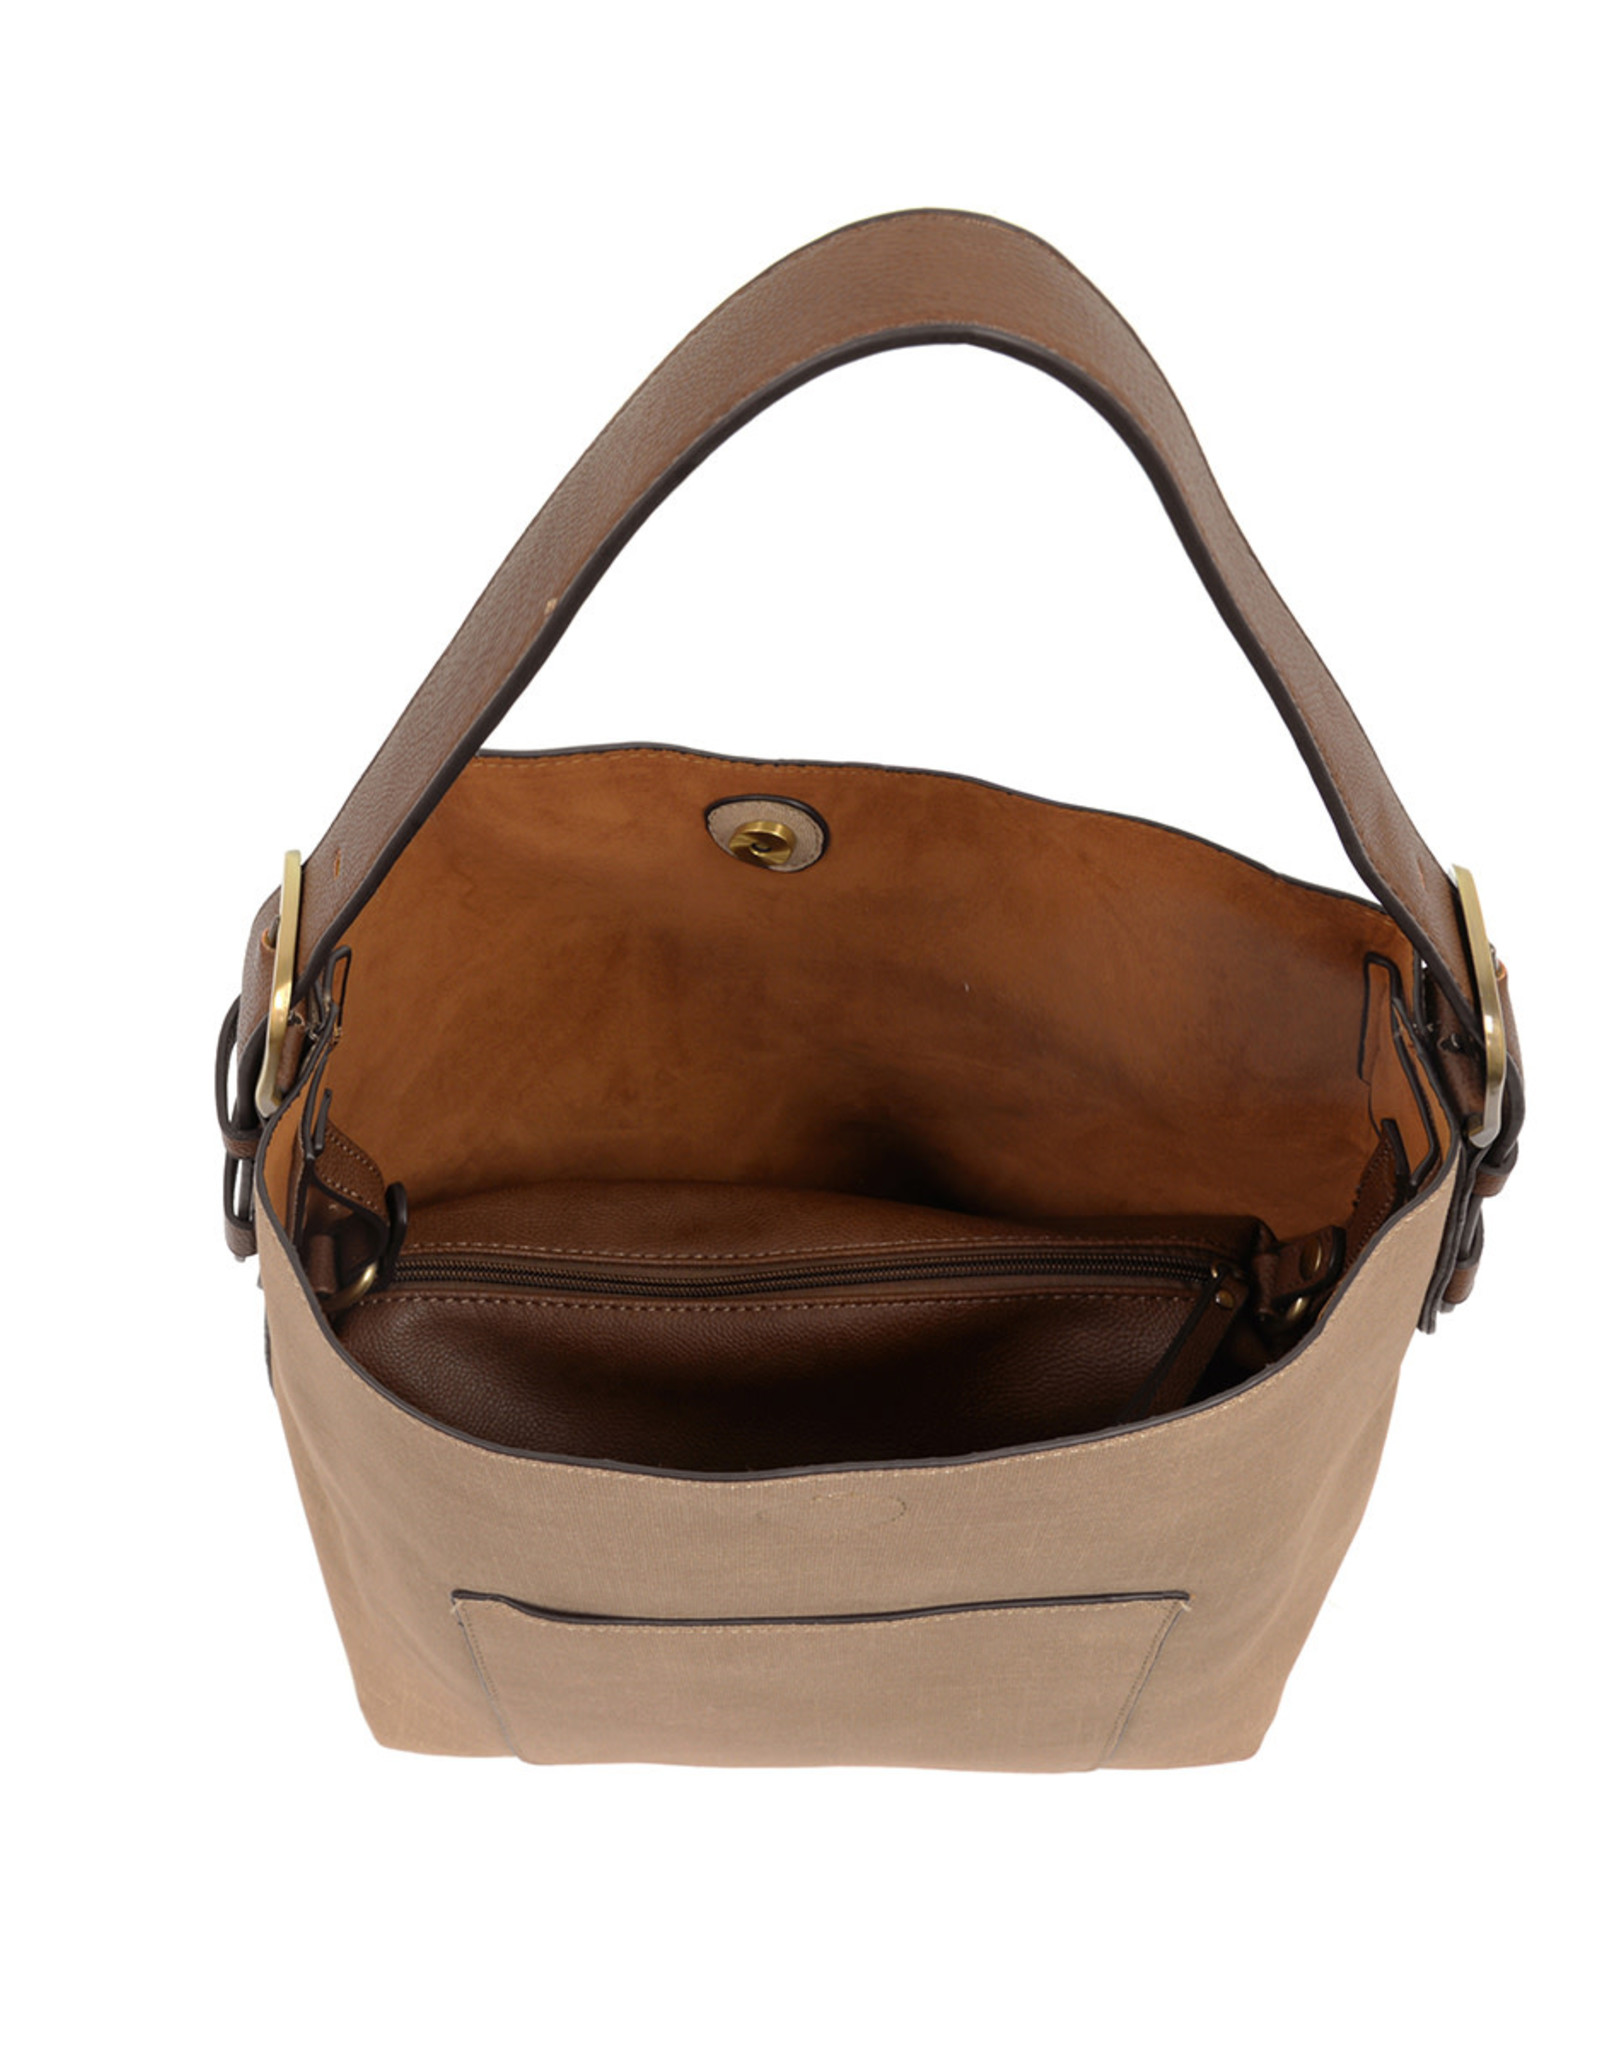 Hobo Handbag - Taupe/Coffee